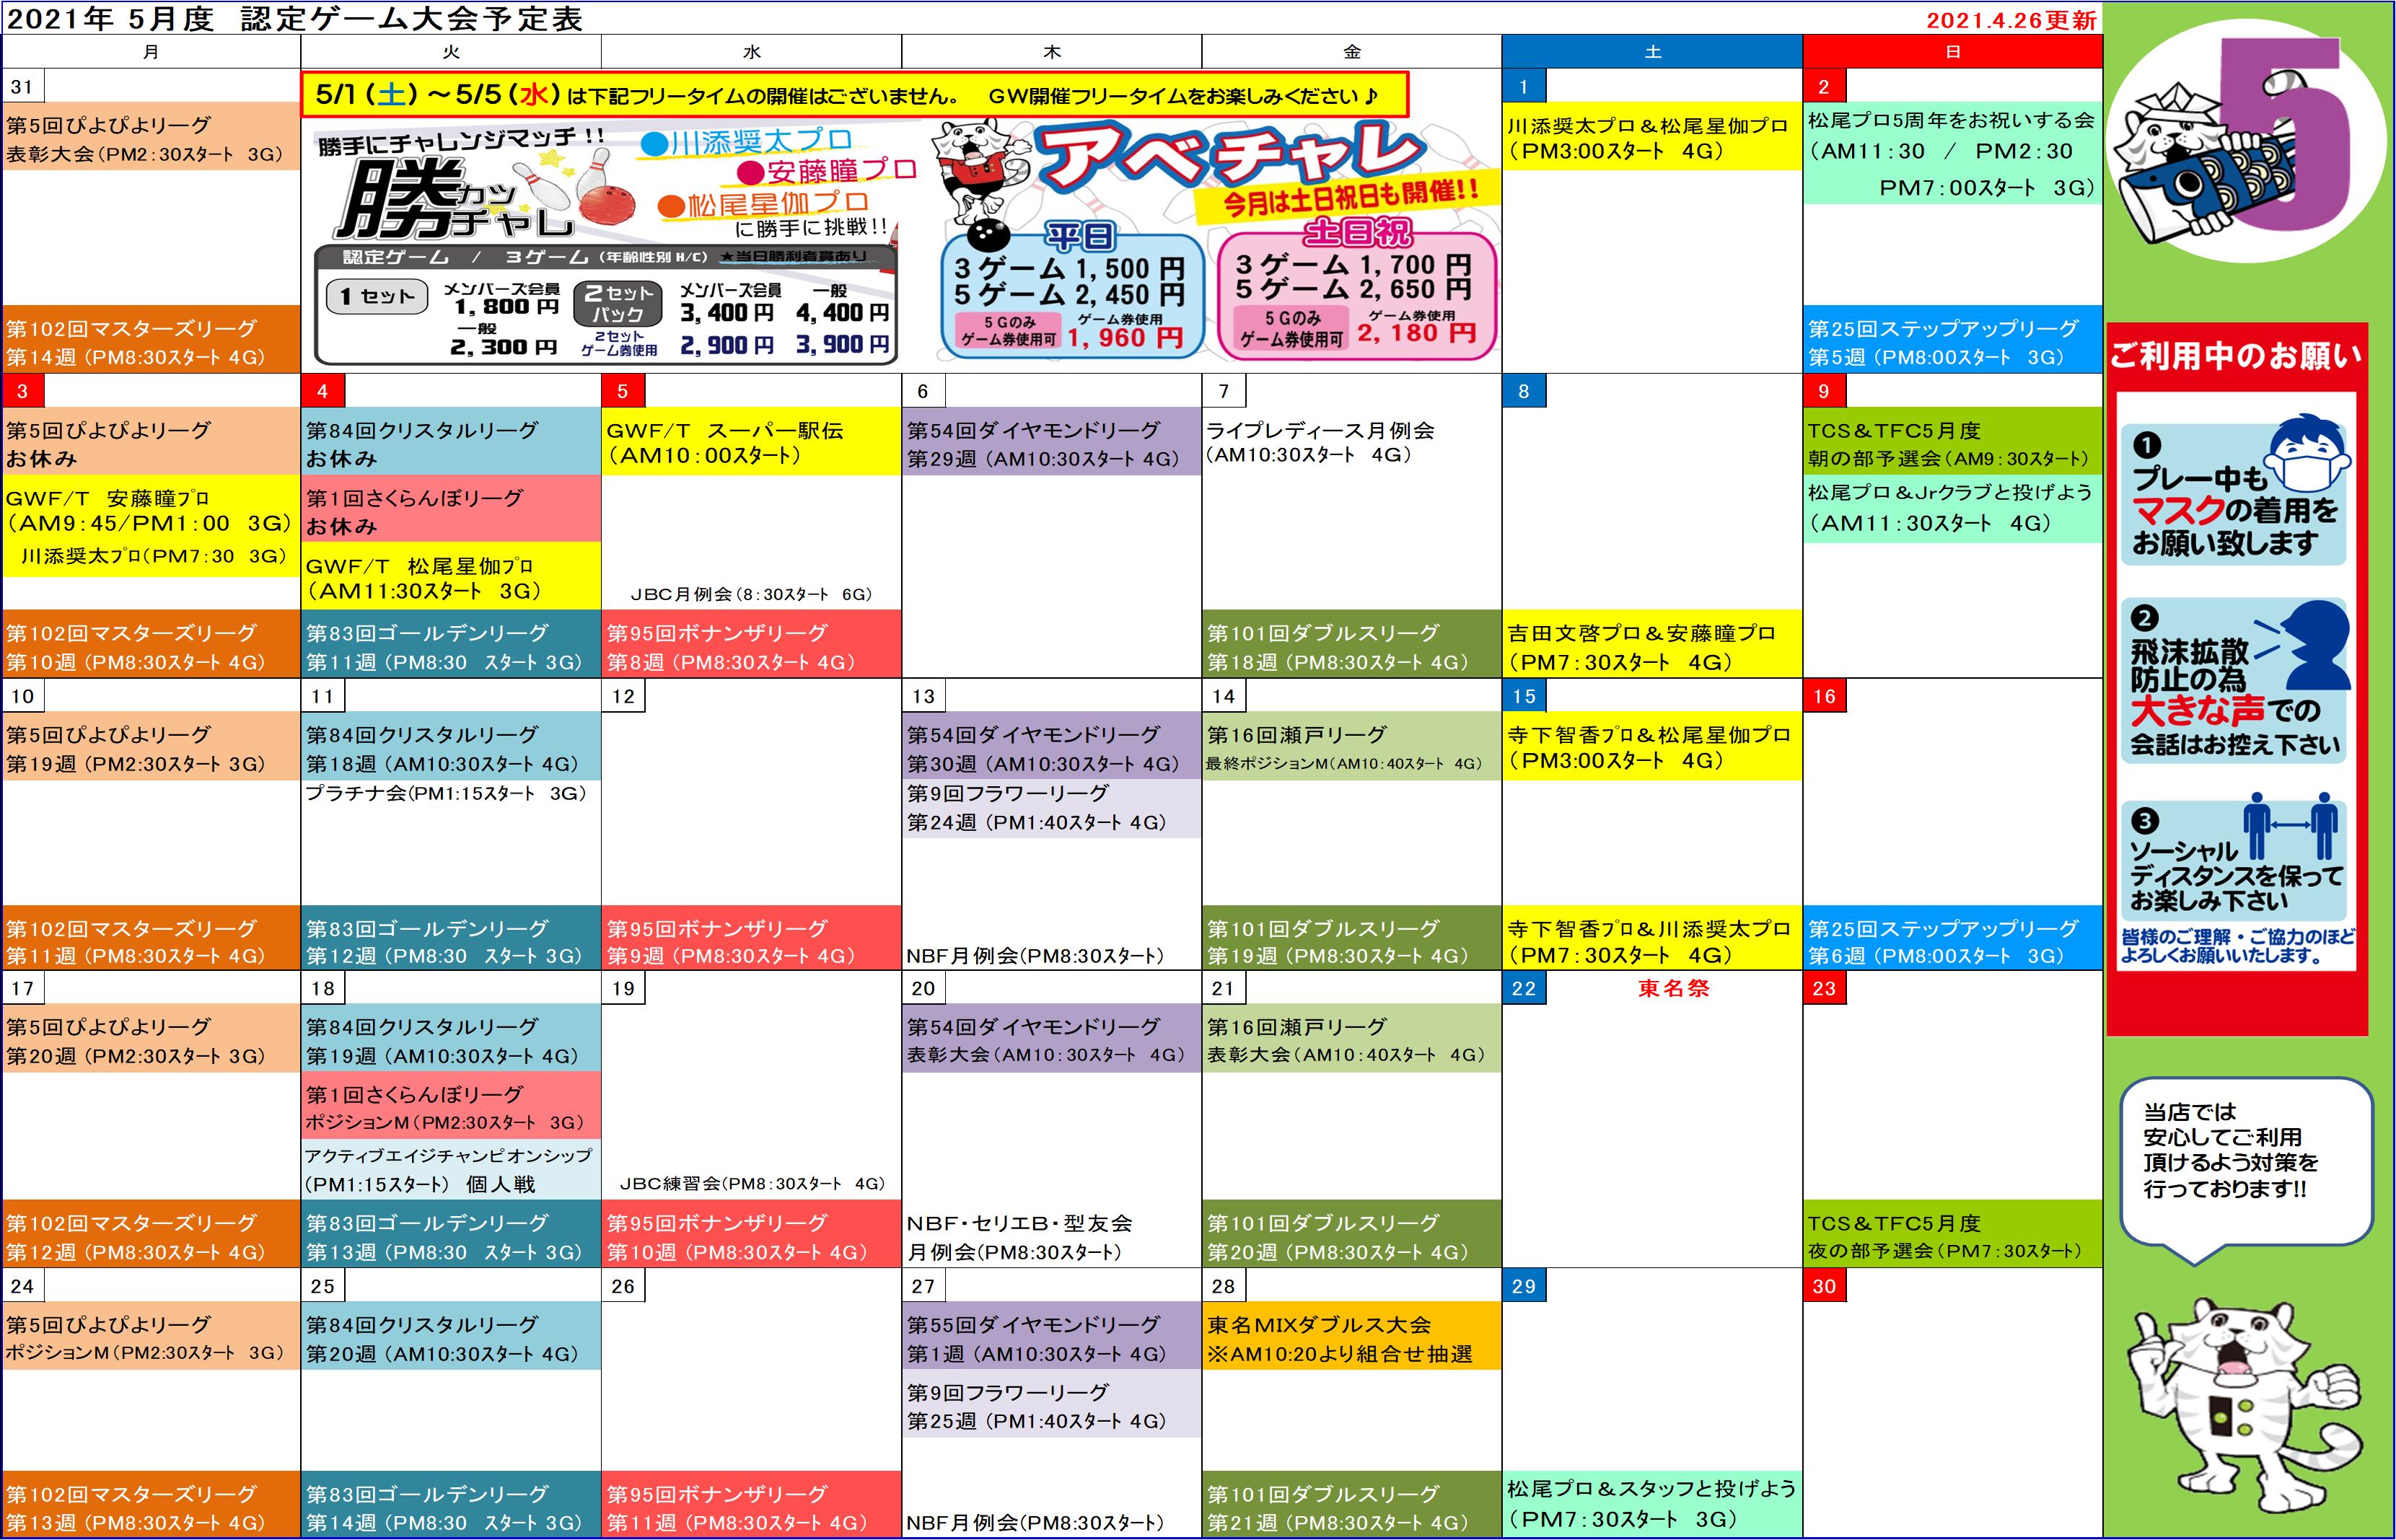 ★会員様向け★5月認定ゲーム大会予定表